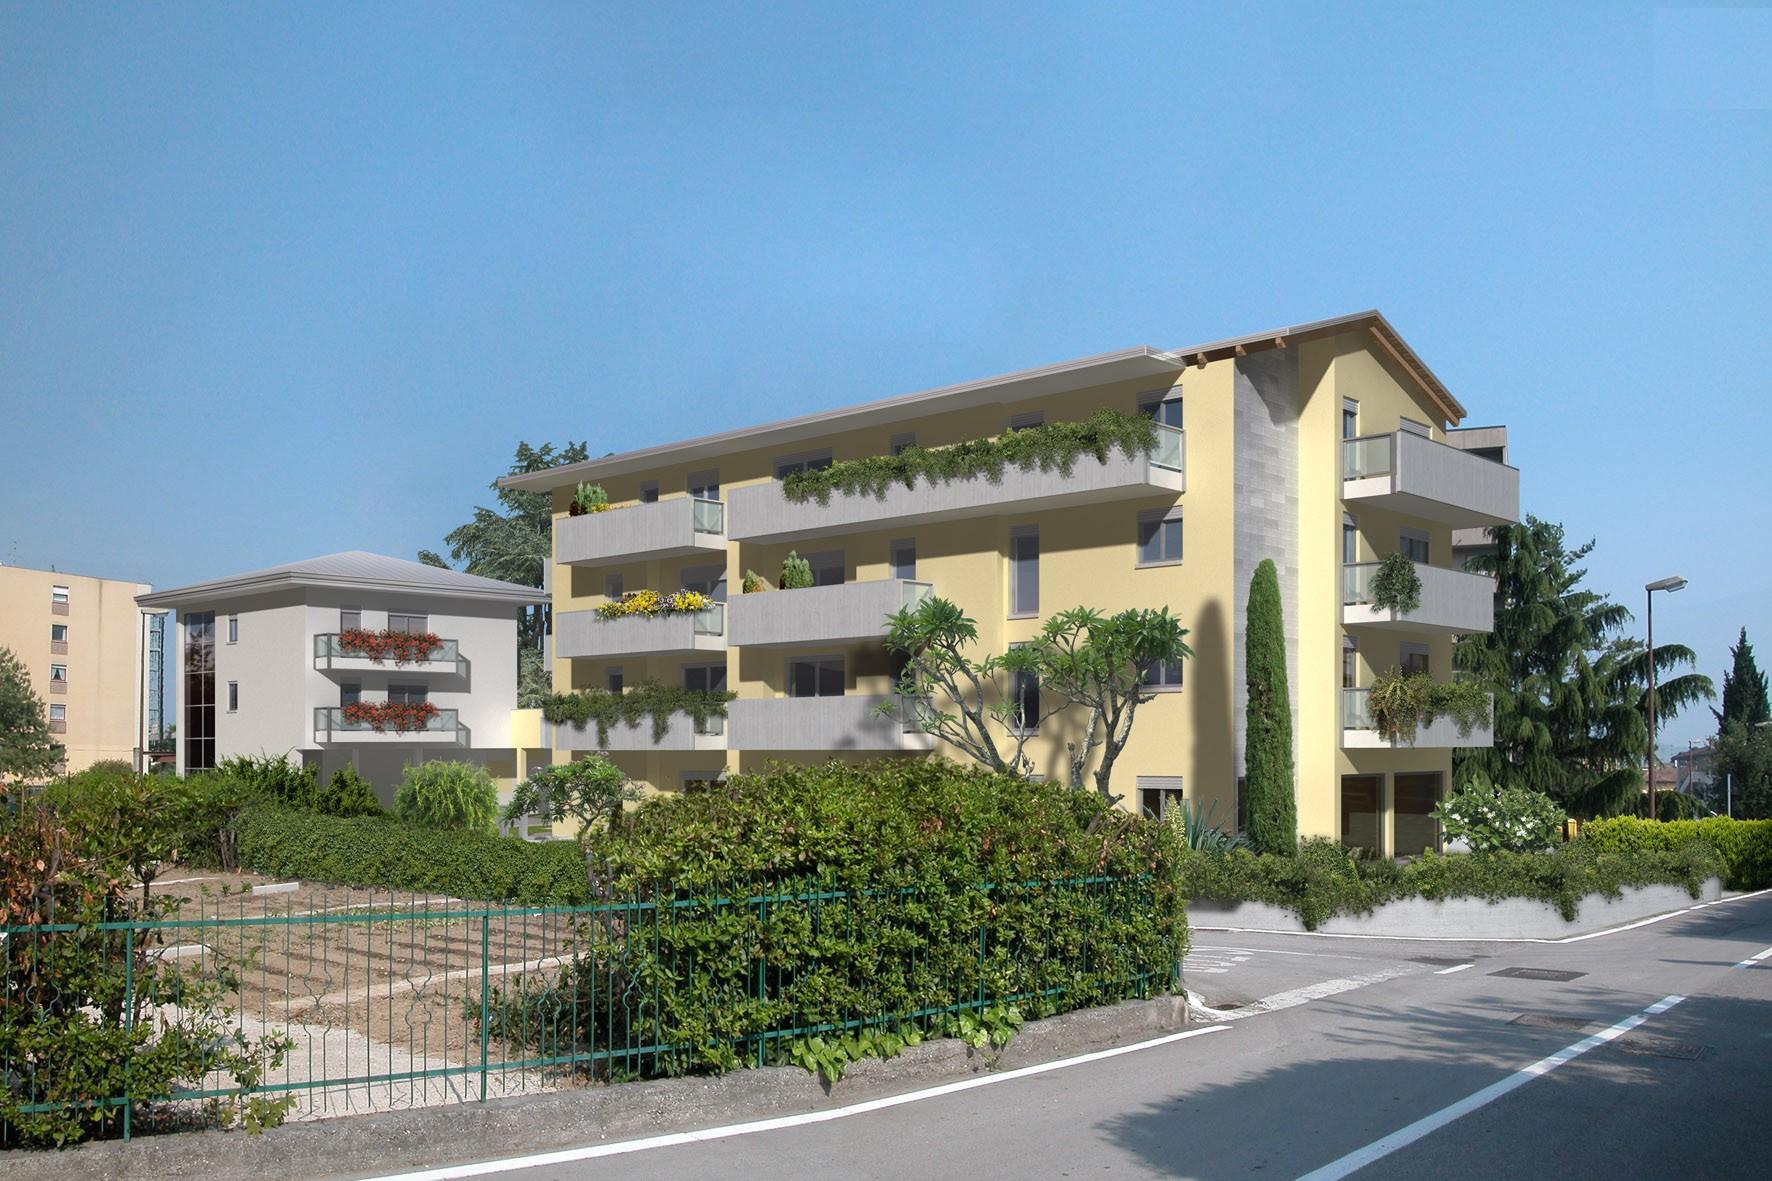 Appartamento in vendita a Riva del Garda, 3 locali, zona Zona: Riva, prezzo € 209.000 | Cambio Casa.it